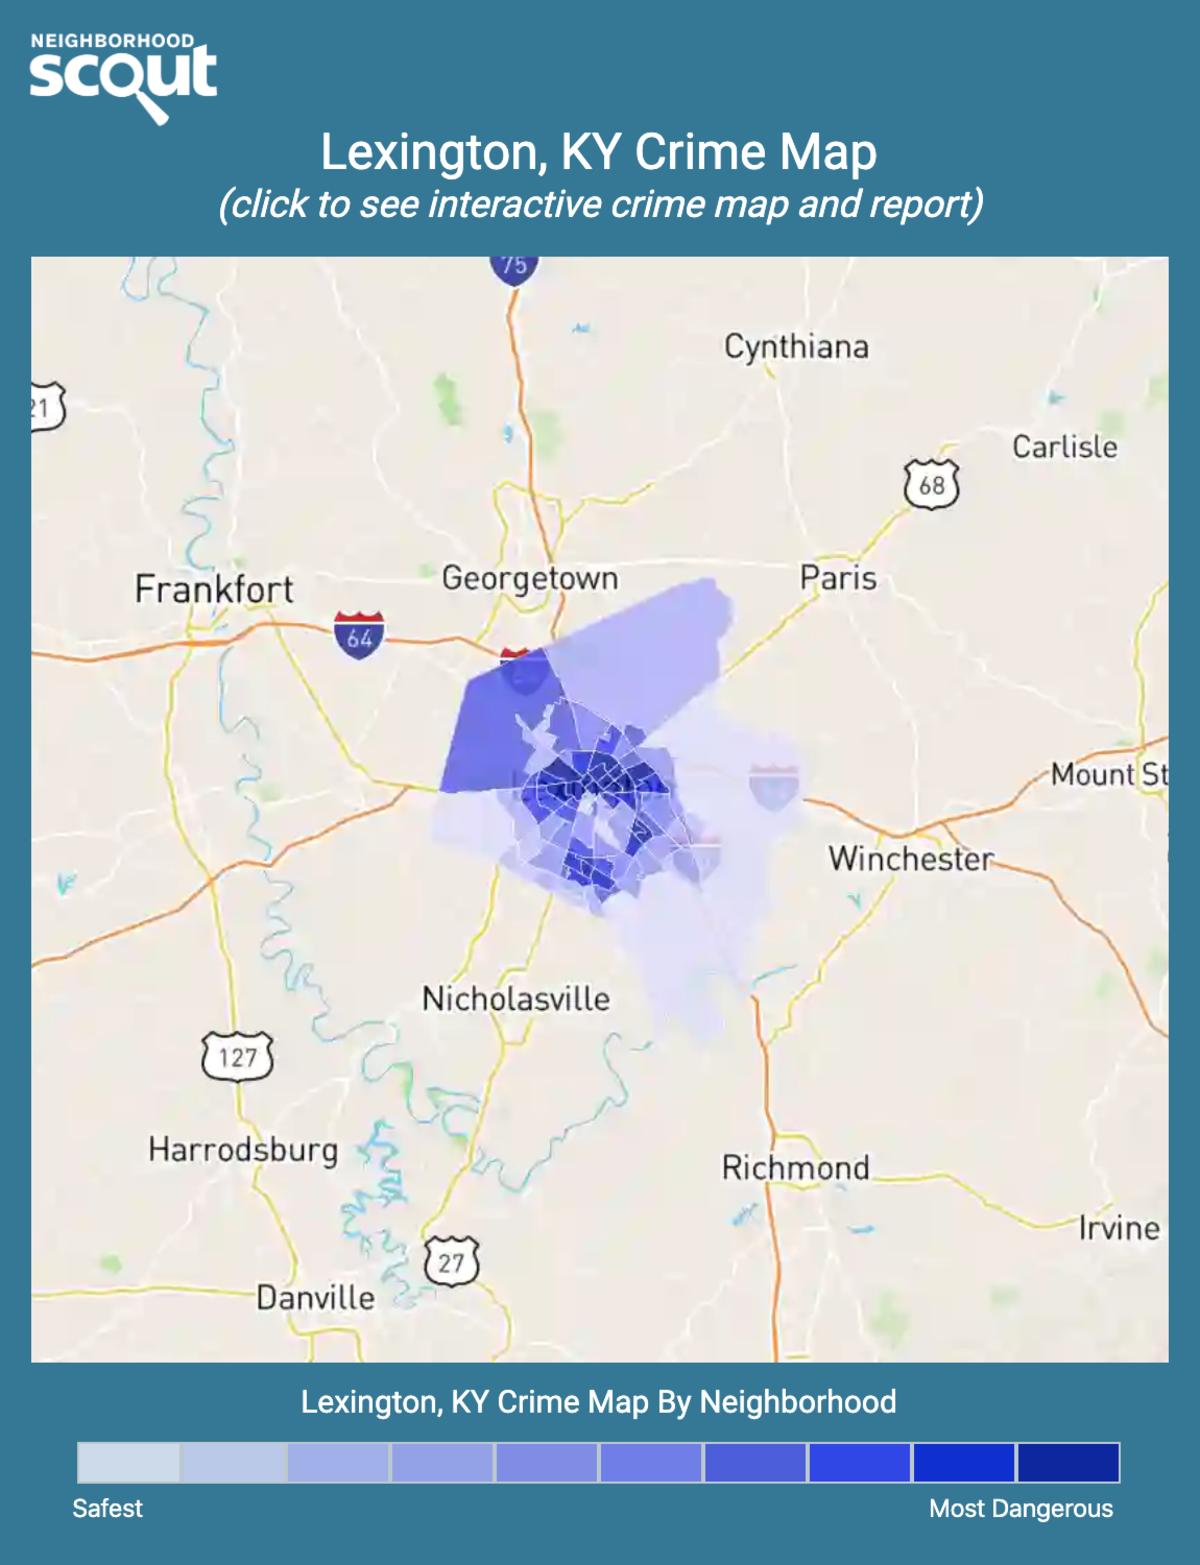 Lexington, Kentucky crime map